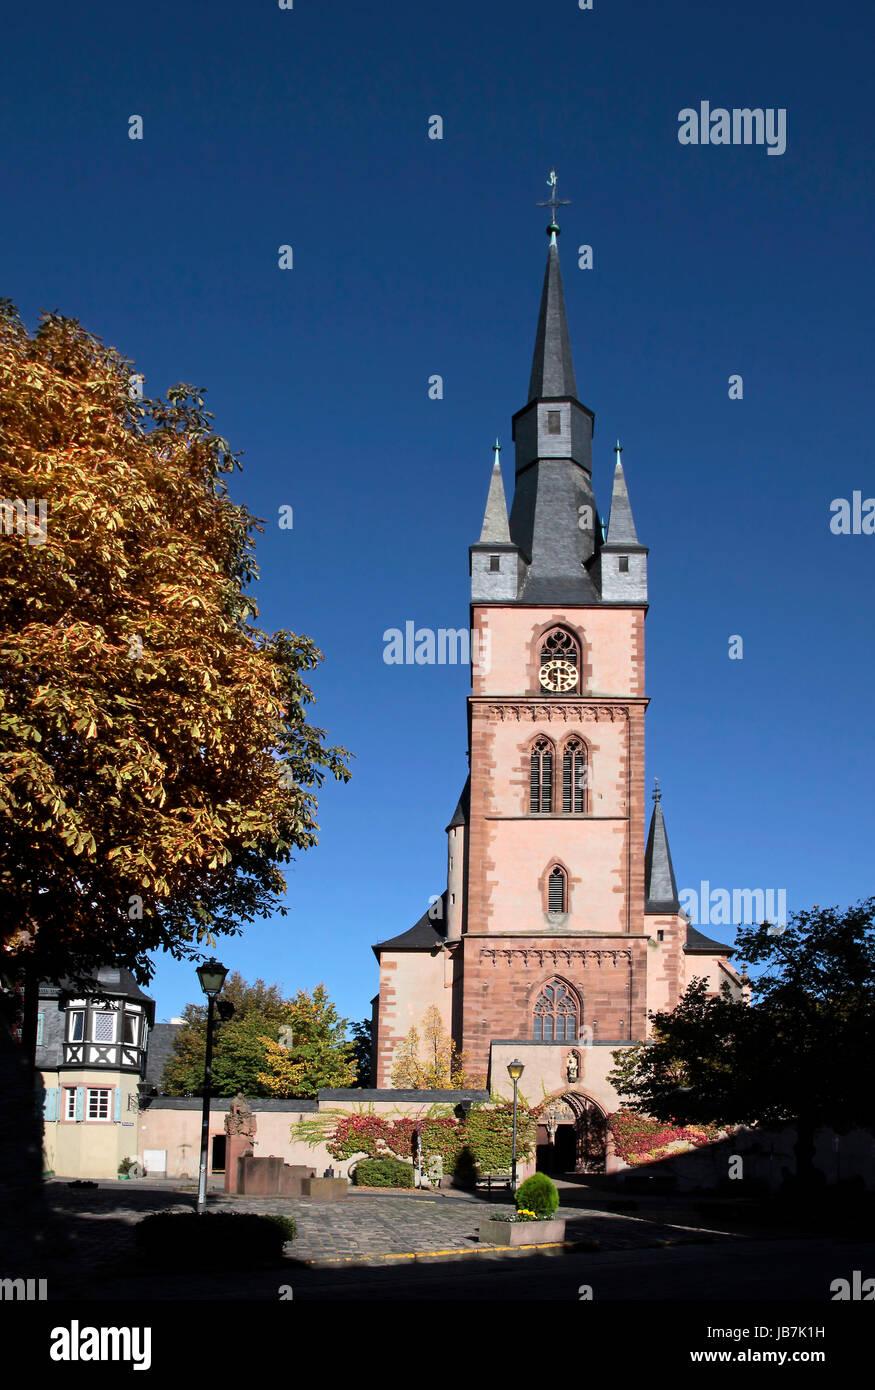 Katholische Pfarrkirche St. Valentinus in Kiedrich, Rheingau, Hessen, Deutschland Stockbild